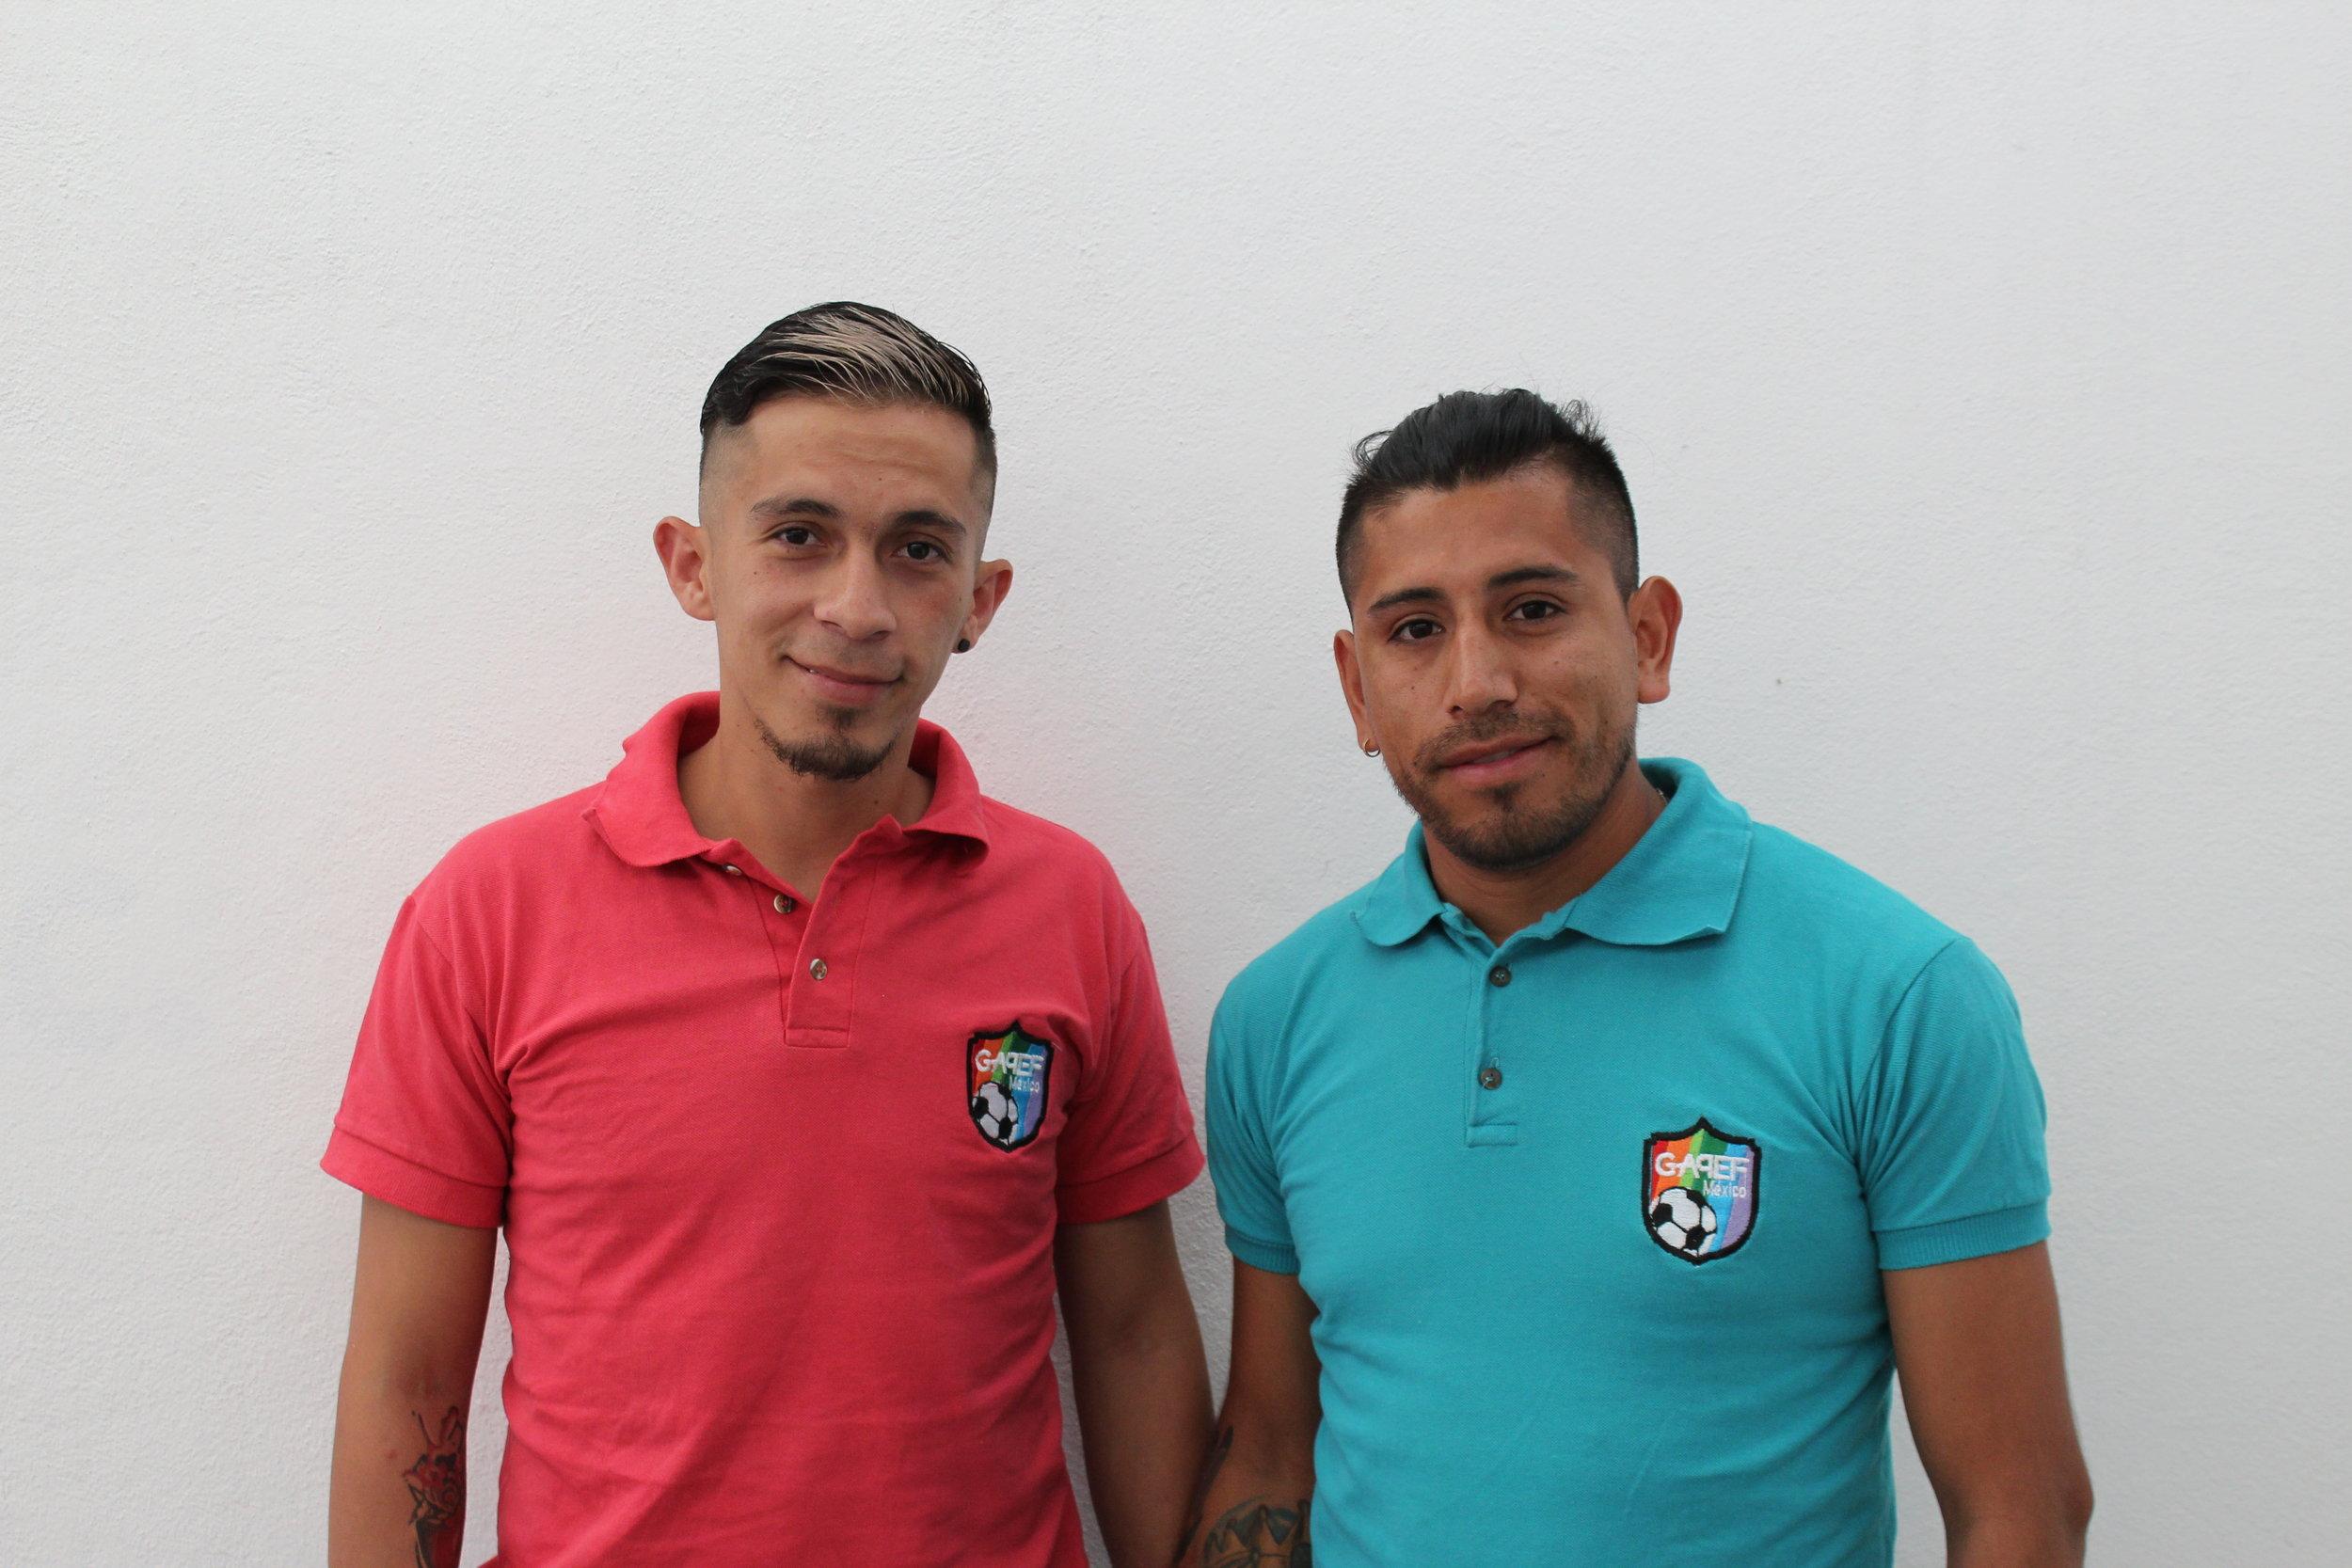 Lalo (esquerda) e Roger (direita), ativistas mexicanos pela diversidade e inclusão no esporte mais popular do mundo.